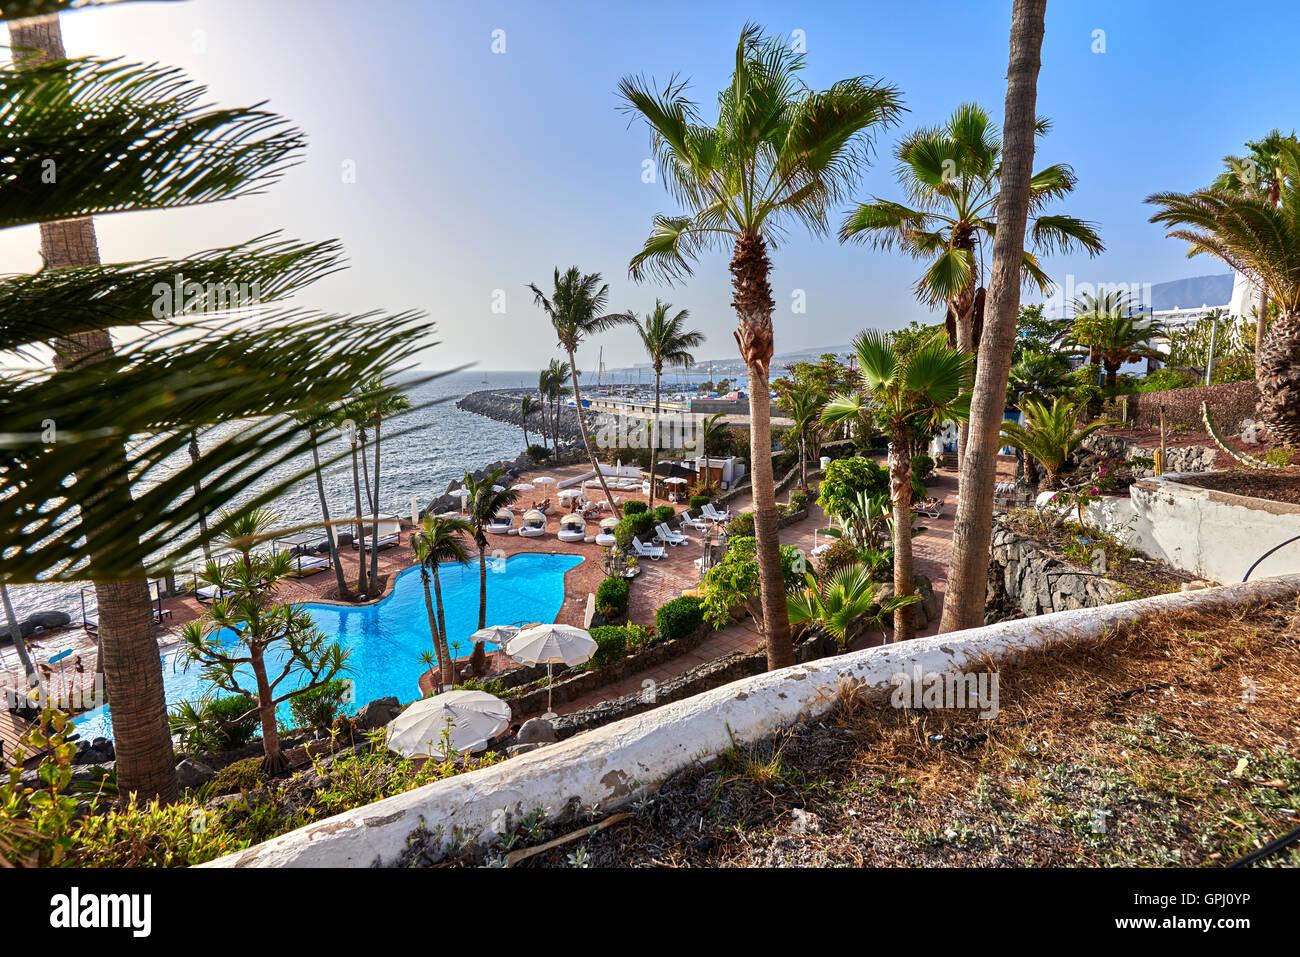 Hotel jardin tropical costa adeje tenerife stock photo 117180554 alamy - Jardines tropical tenerife ...